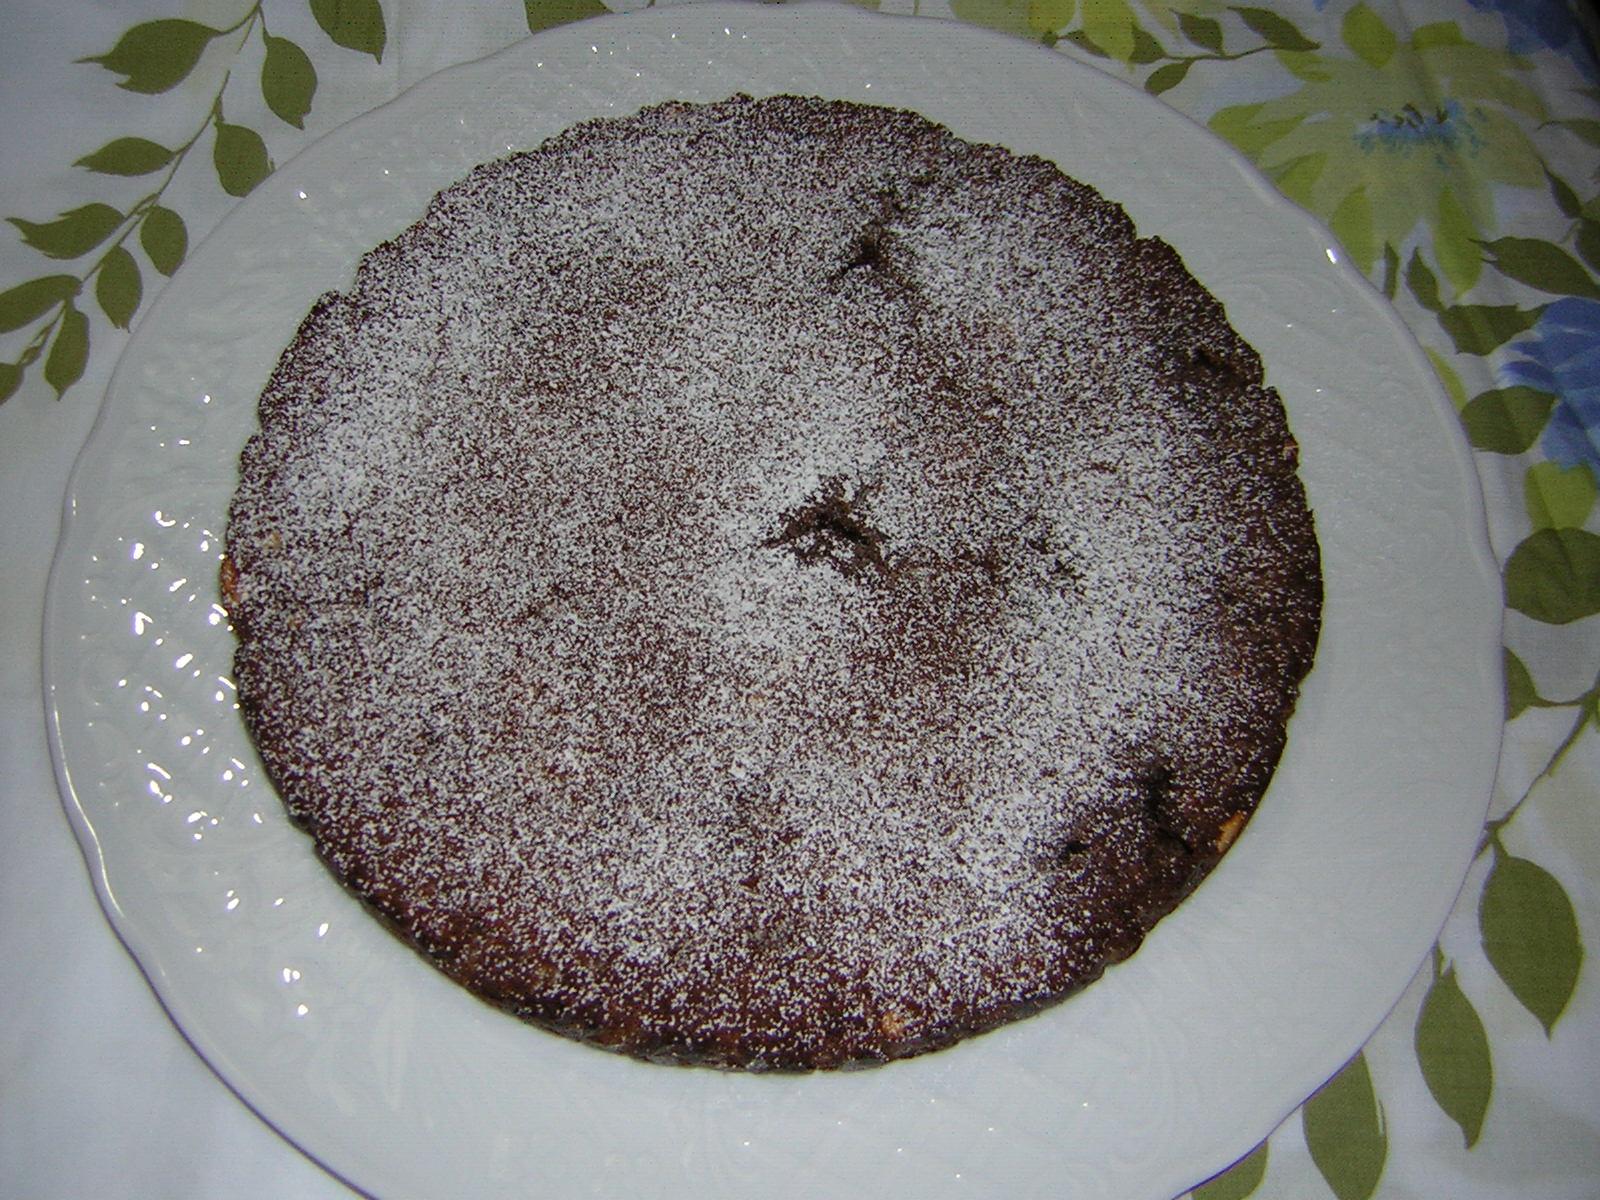 torta di pane al cioccolato pronta da gustare